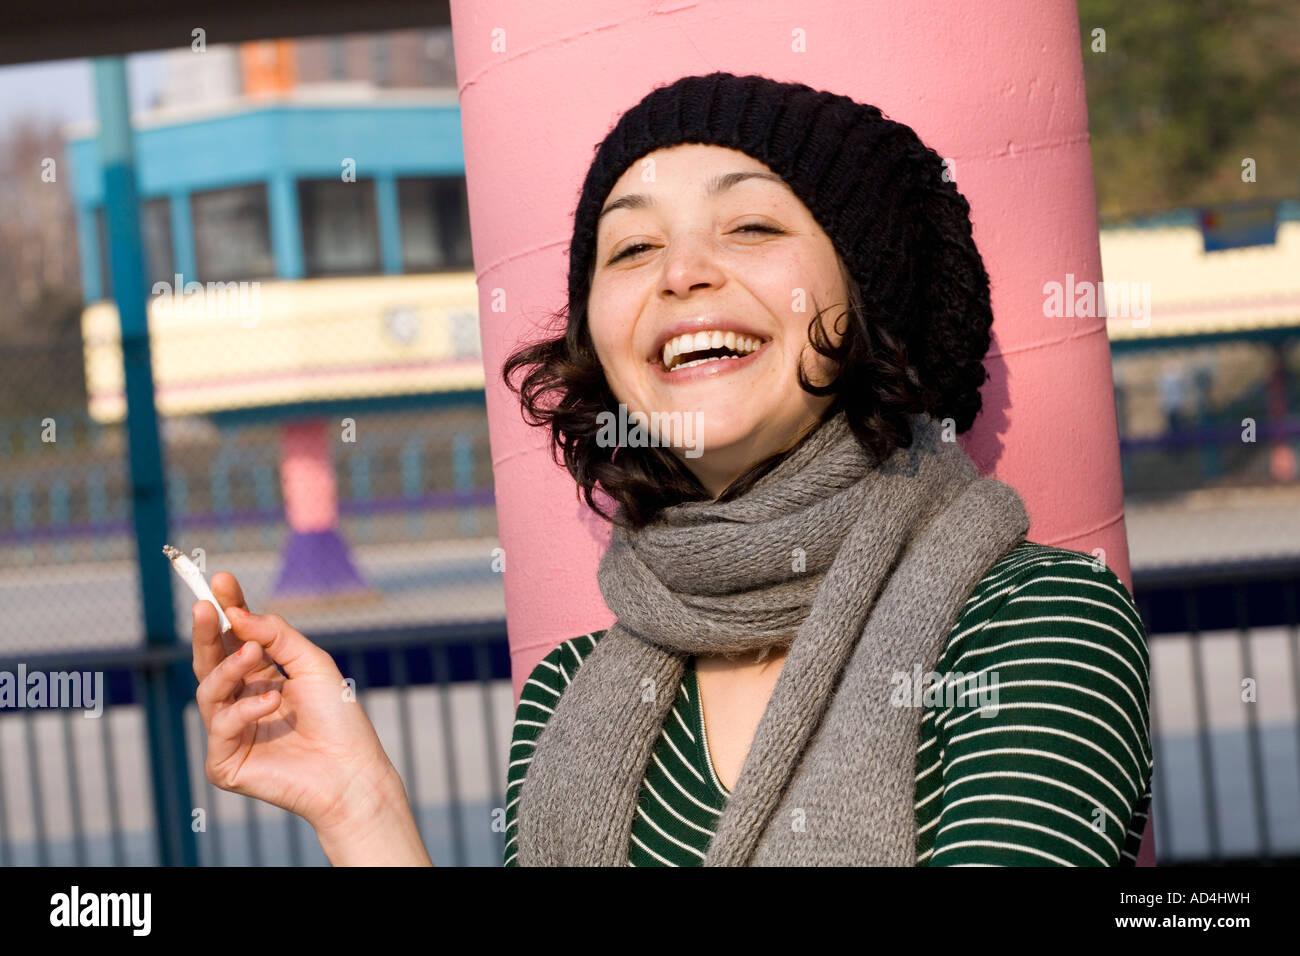 Eine Frau, eine Zigarette rauchend Stockbild